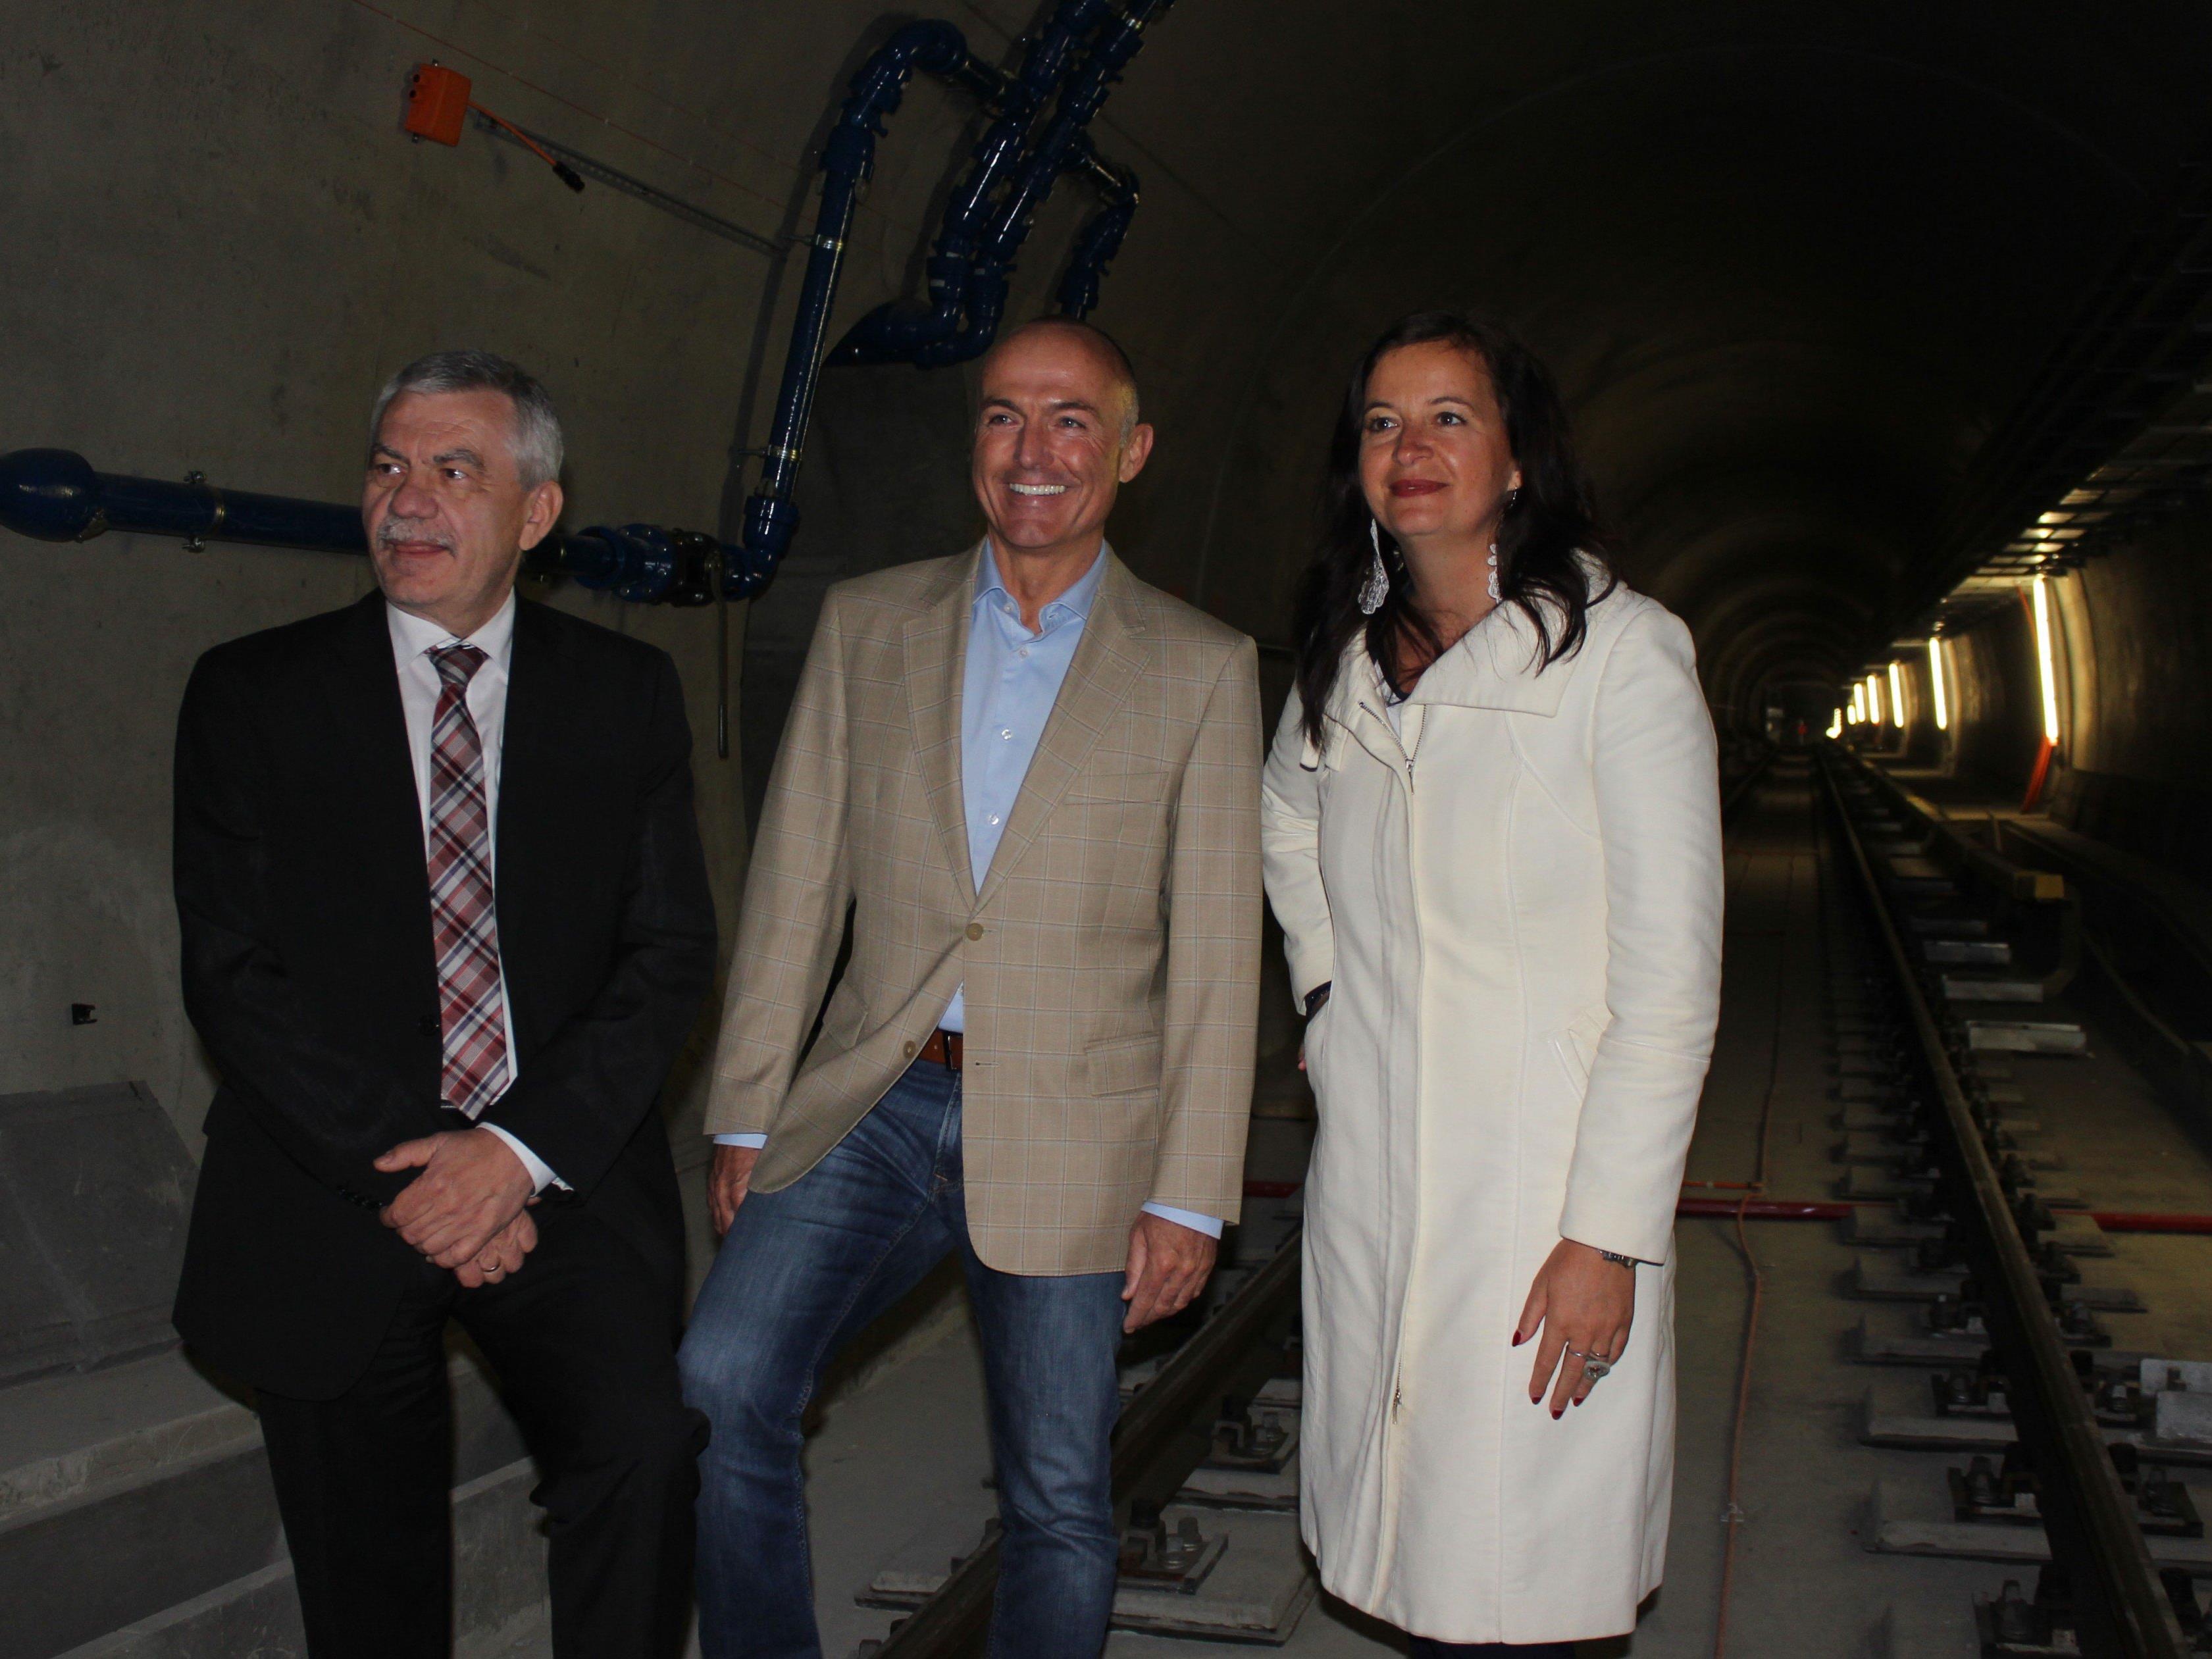 Steinbauer, Klug und Sima auf Tunnelbegehung der U1-Verlängerung.